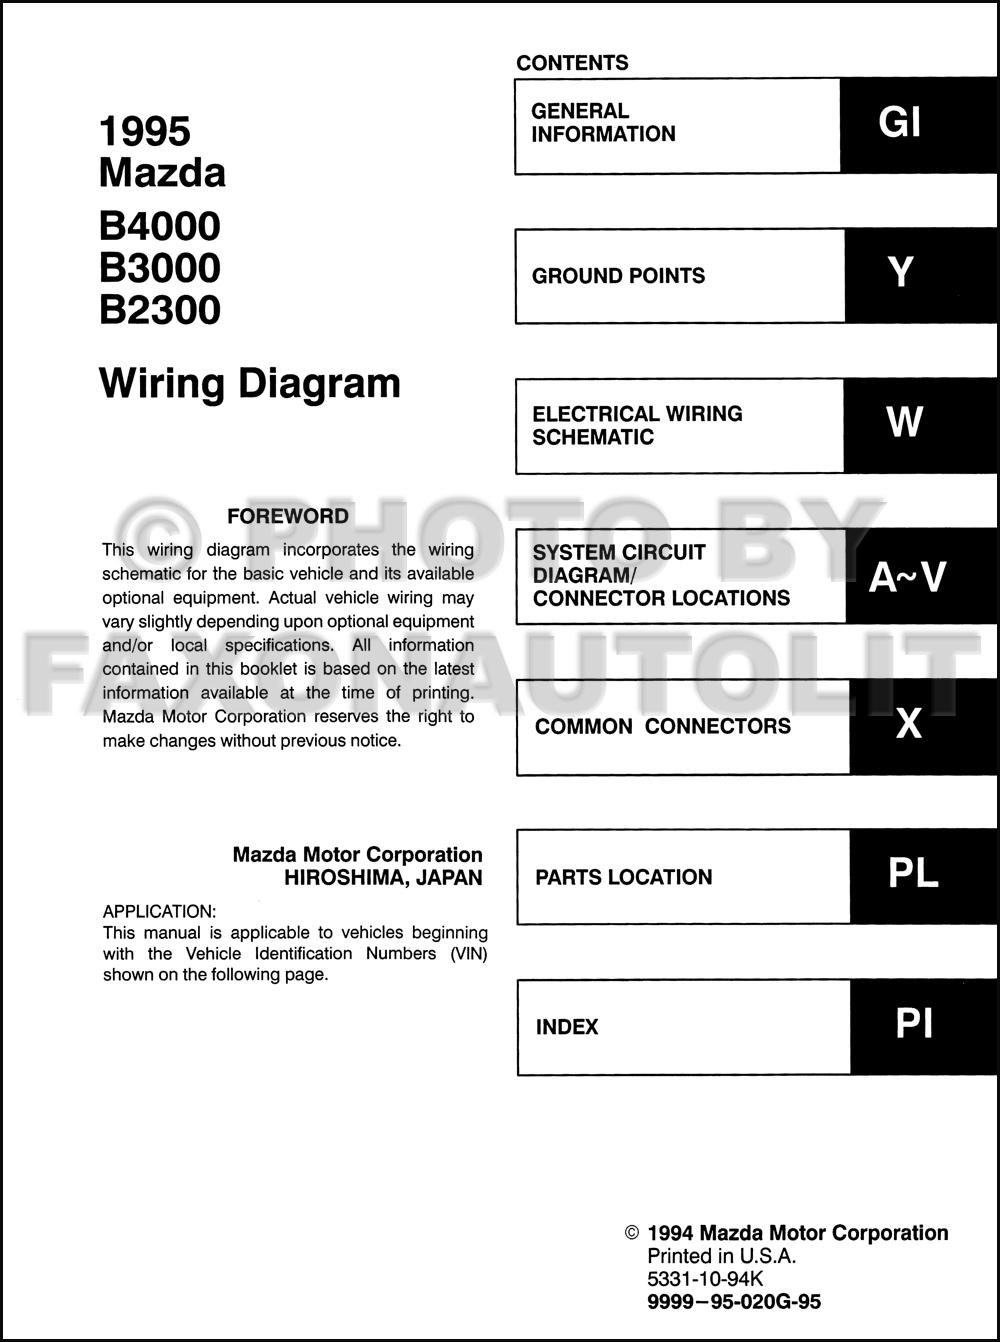 200 mazda b2500 fuse box diagram sd 6769  1995 mazda protege radio wiring diagram wiring diagram  1995 mazda protege radio wiring diagram